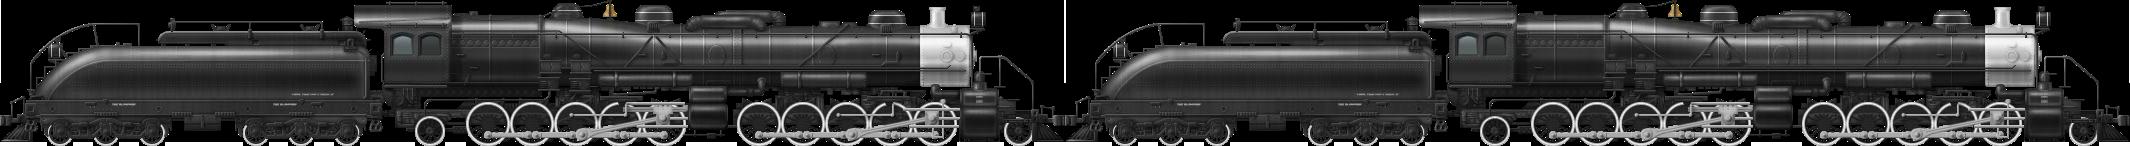 ATSF 3000 Double